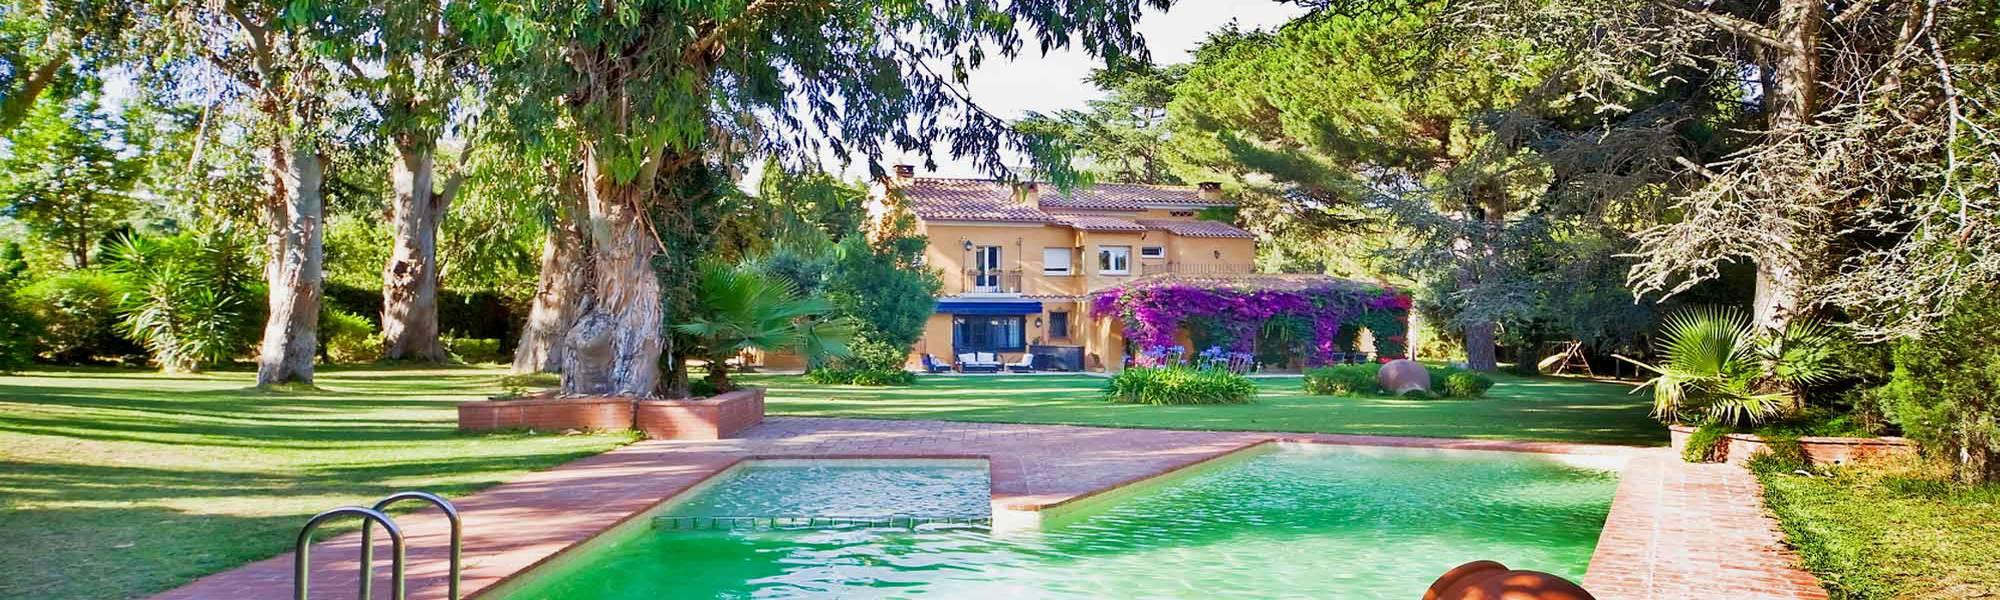 Casas de Lujo y apartamentos en el Maresme en venta o alquiler